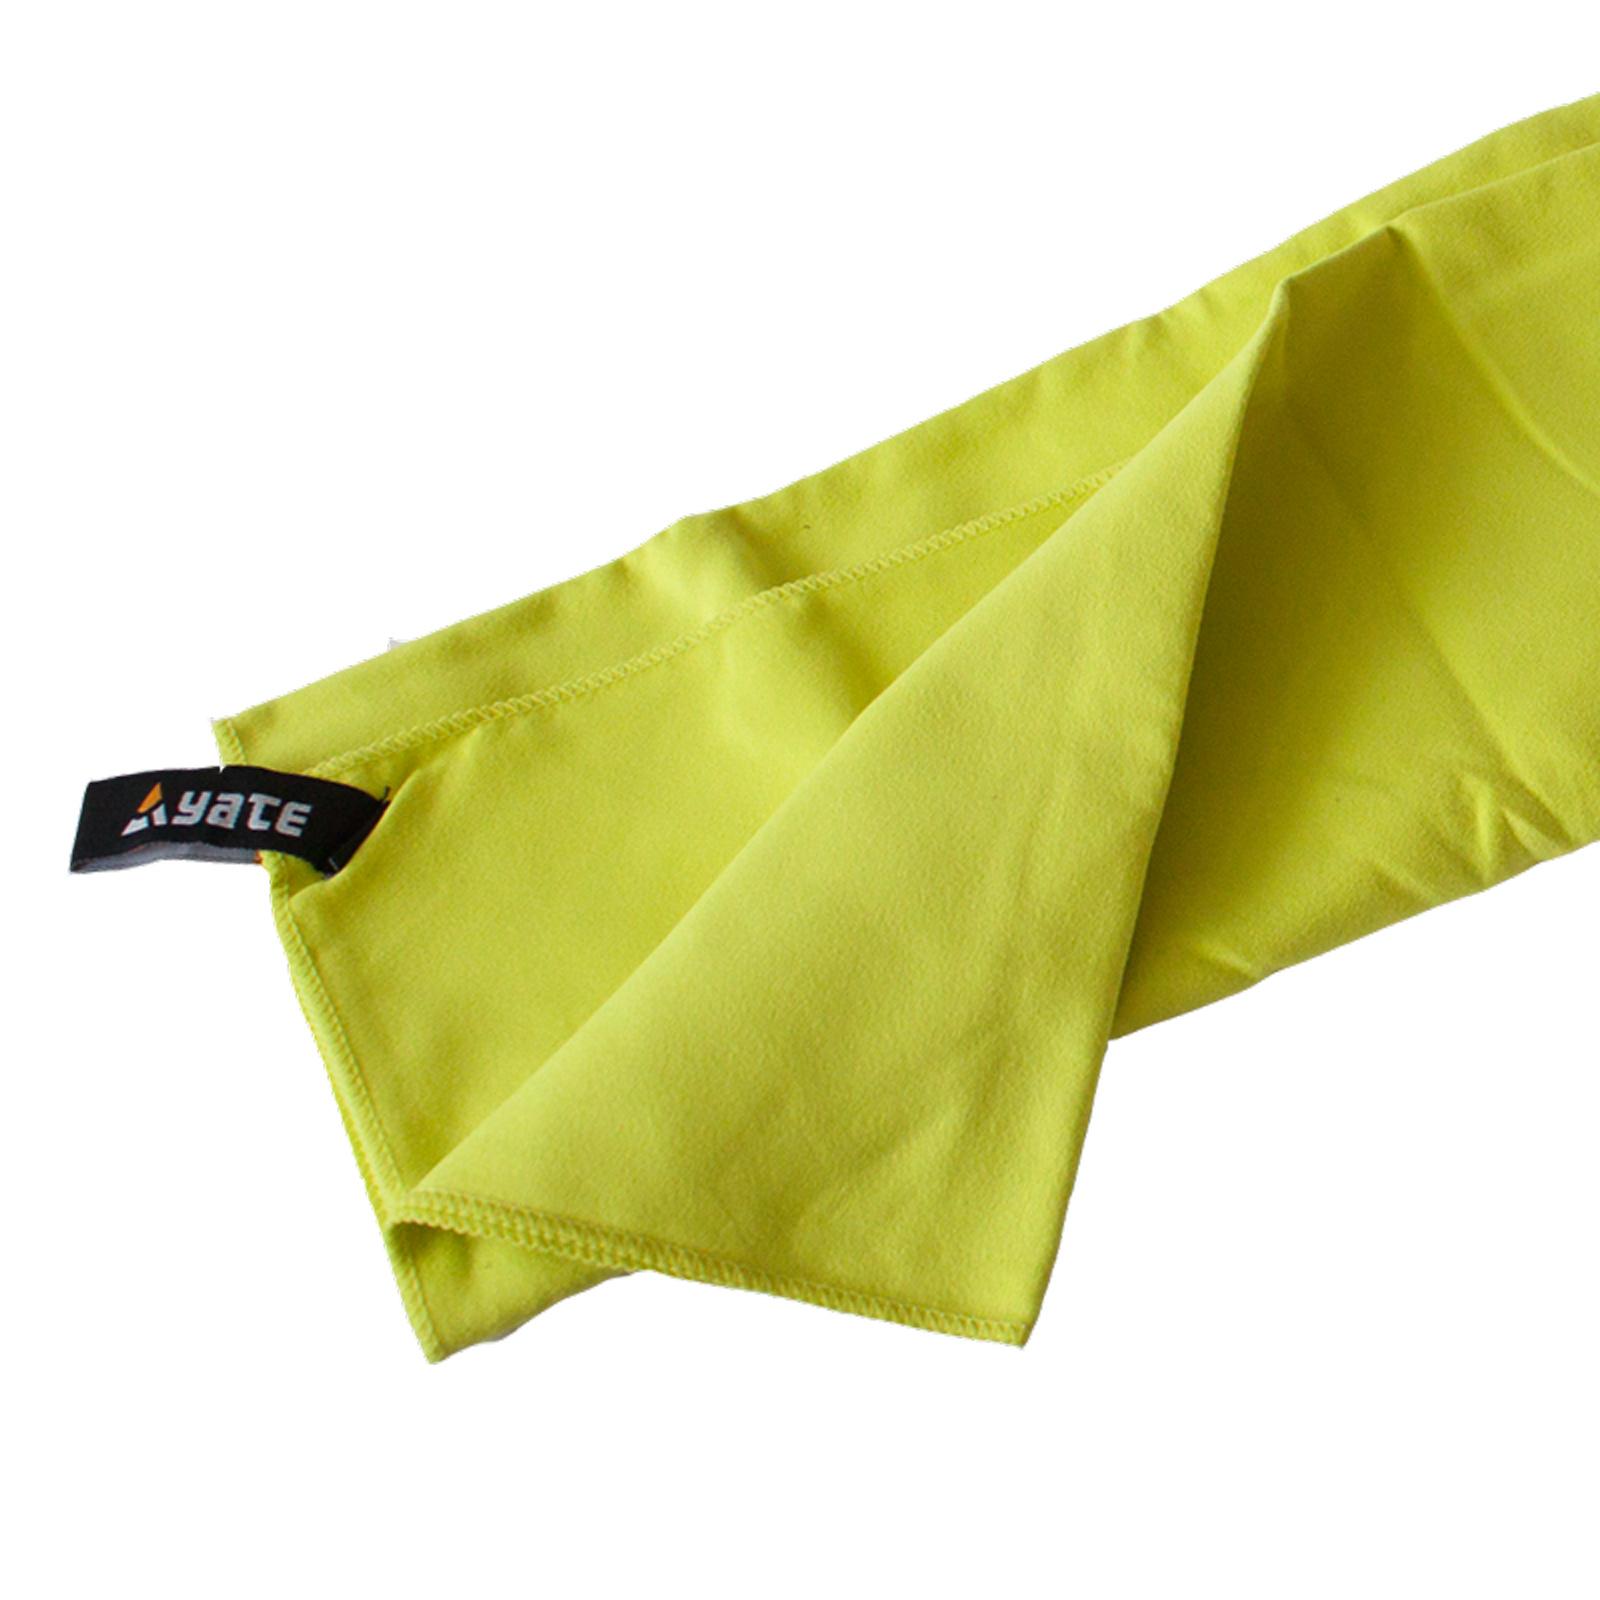 Yate YATE XL zelená Ručník